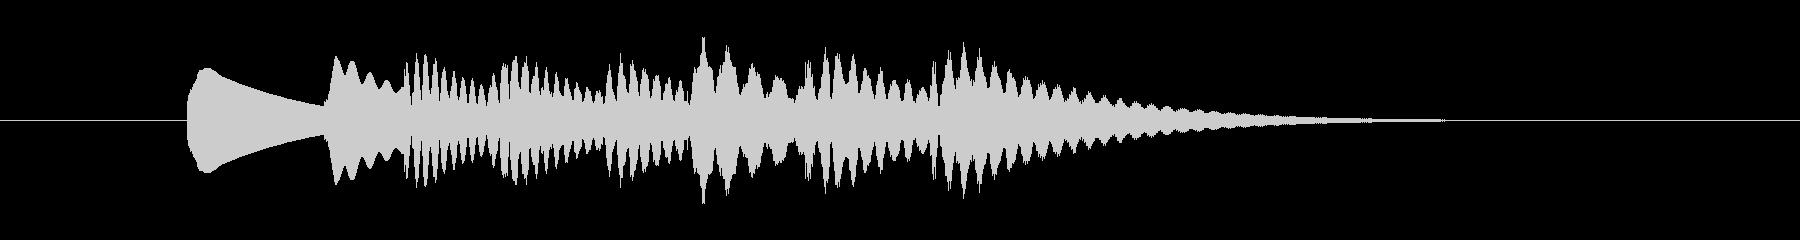 コミカルかつシンプルな場面転換の音その2の未再生の波形